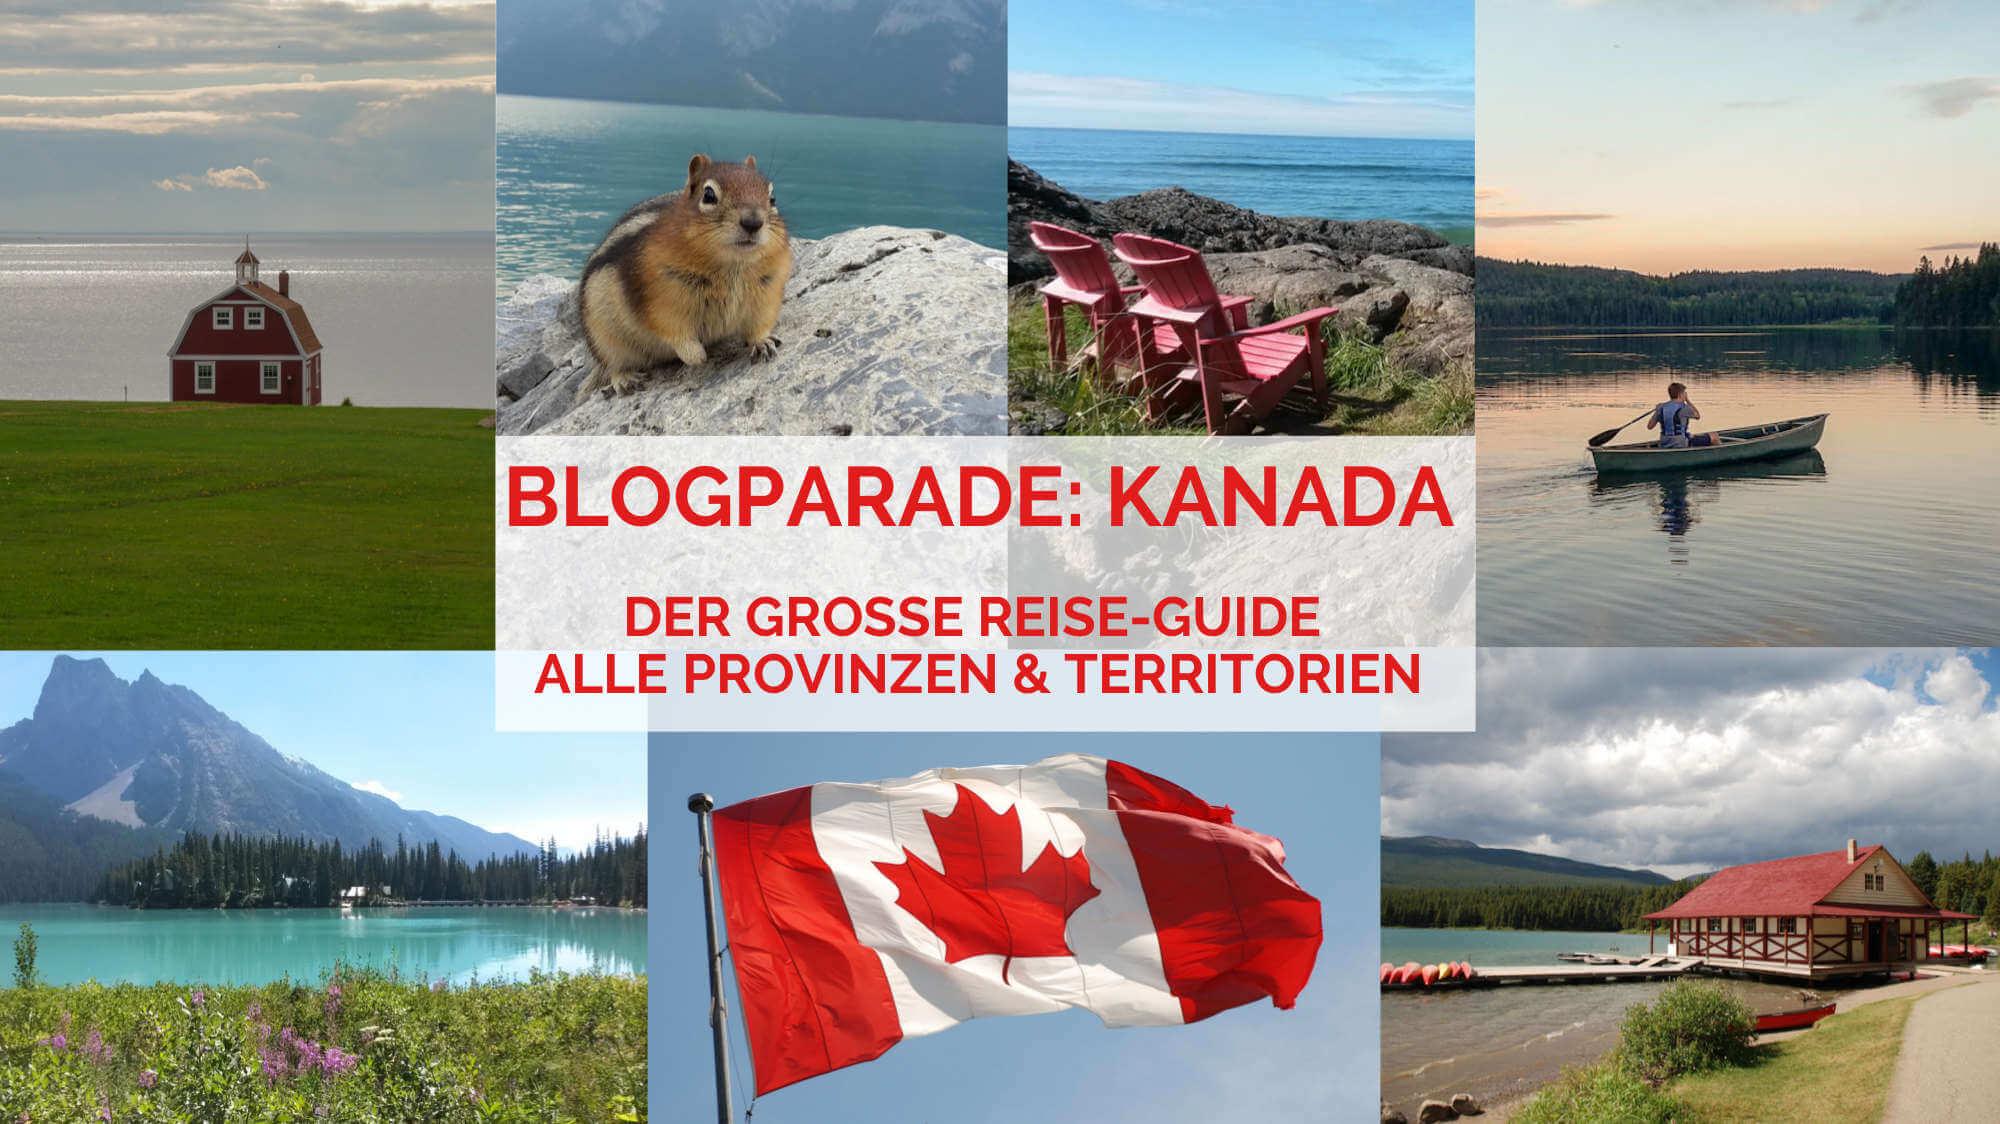 Blogparade: Der große Kanada Reise-Guide mit Reisetipps und Erfahrungsberichten